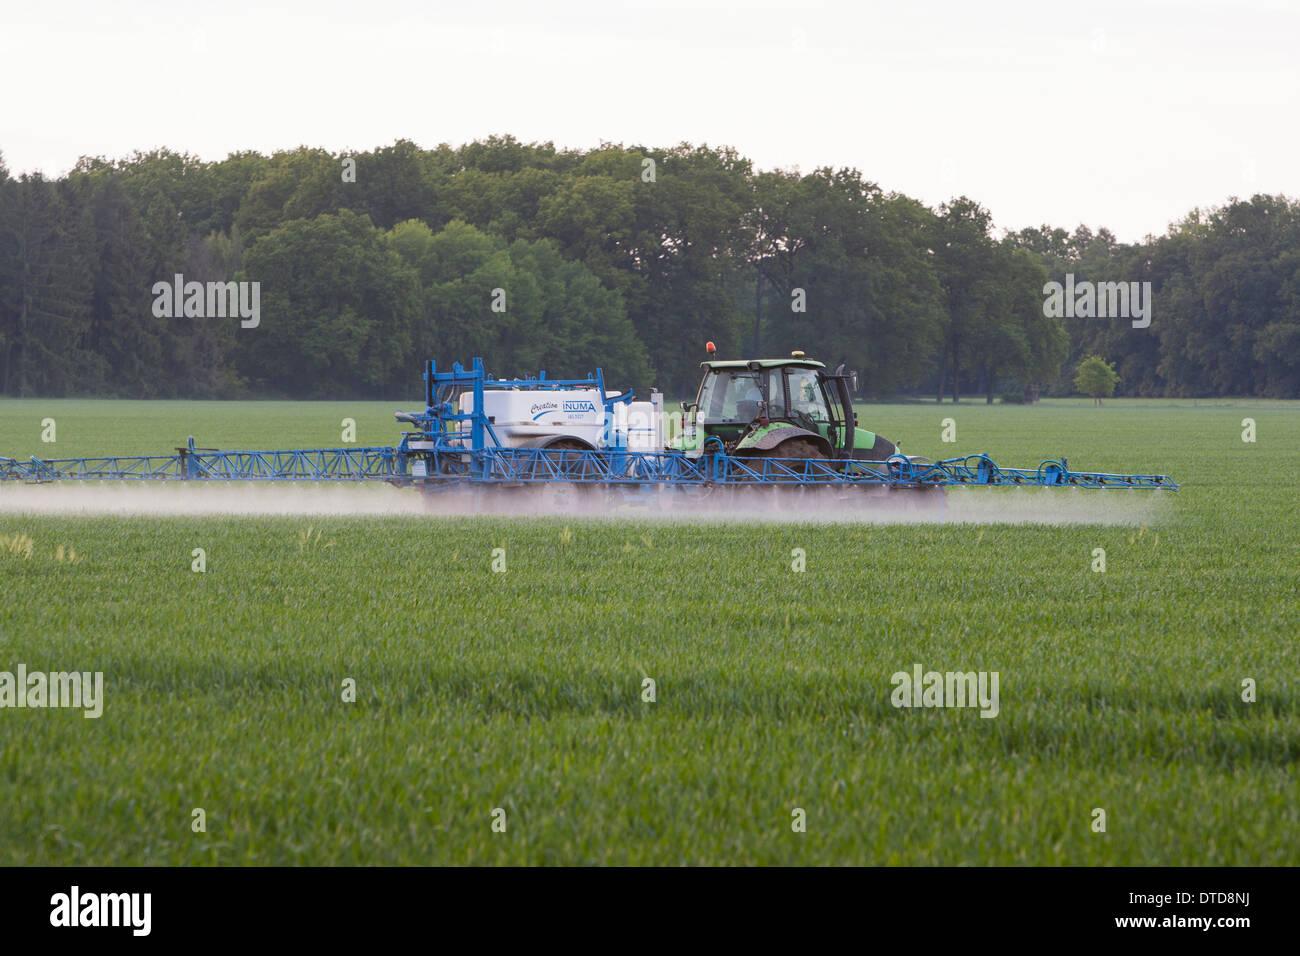 field, tractor, toxin, poison, intensive agriculture, Pflanzengift, Spritzen, Giftspritze, Gift, Traktor, Trekker, Feld, Acker - Stock Image